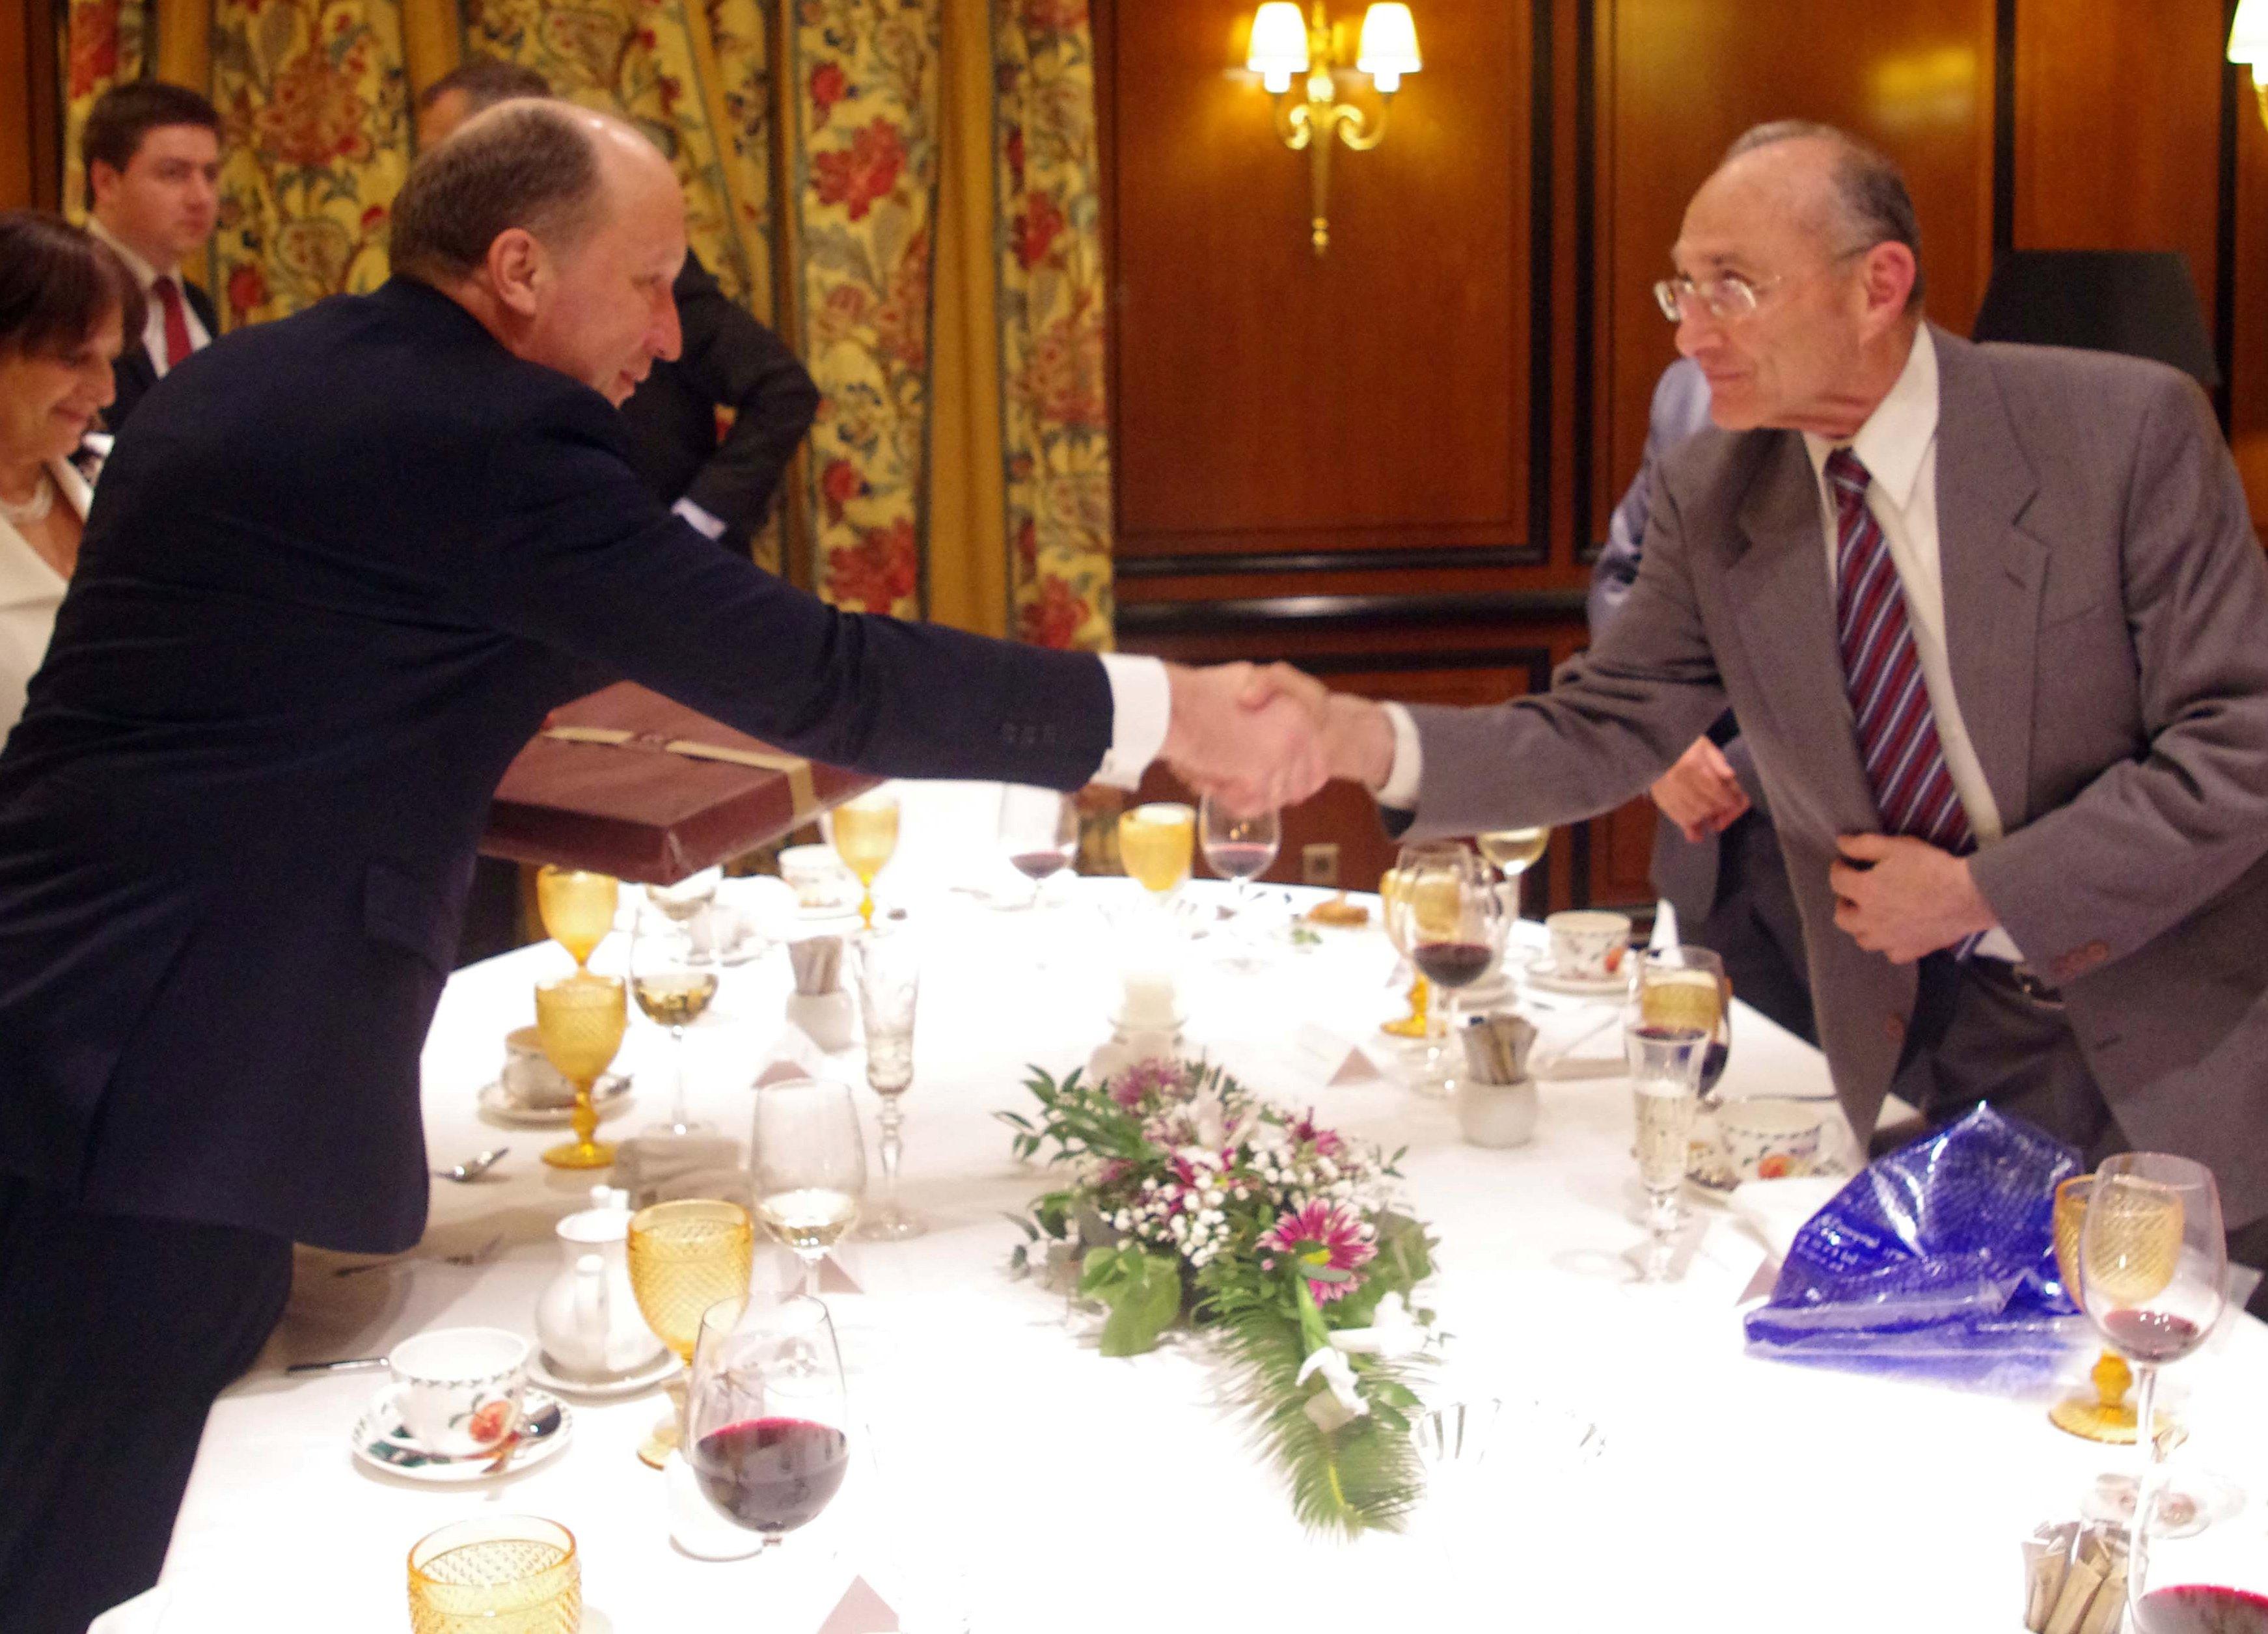 """ראש ממשלת ליטא לשר לנדאו: """"אתם מקור השראה עבורנו"""""""